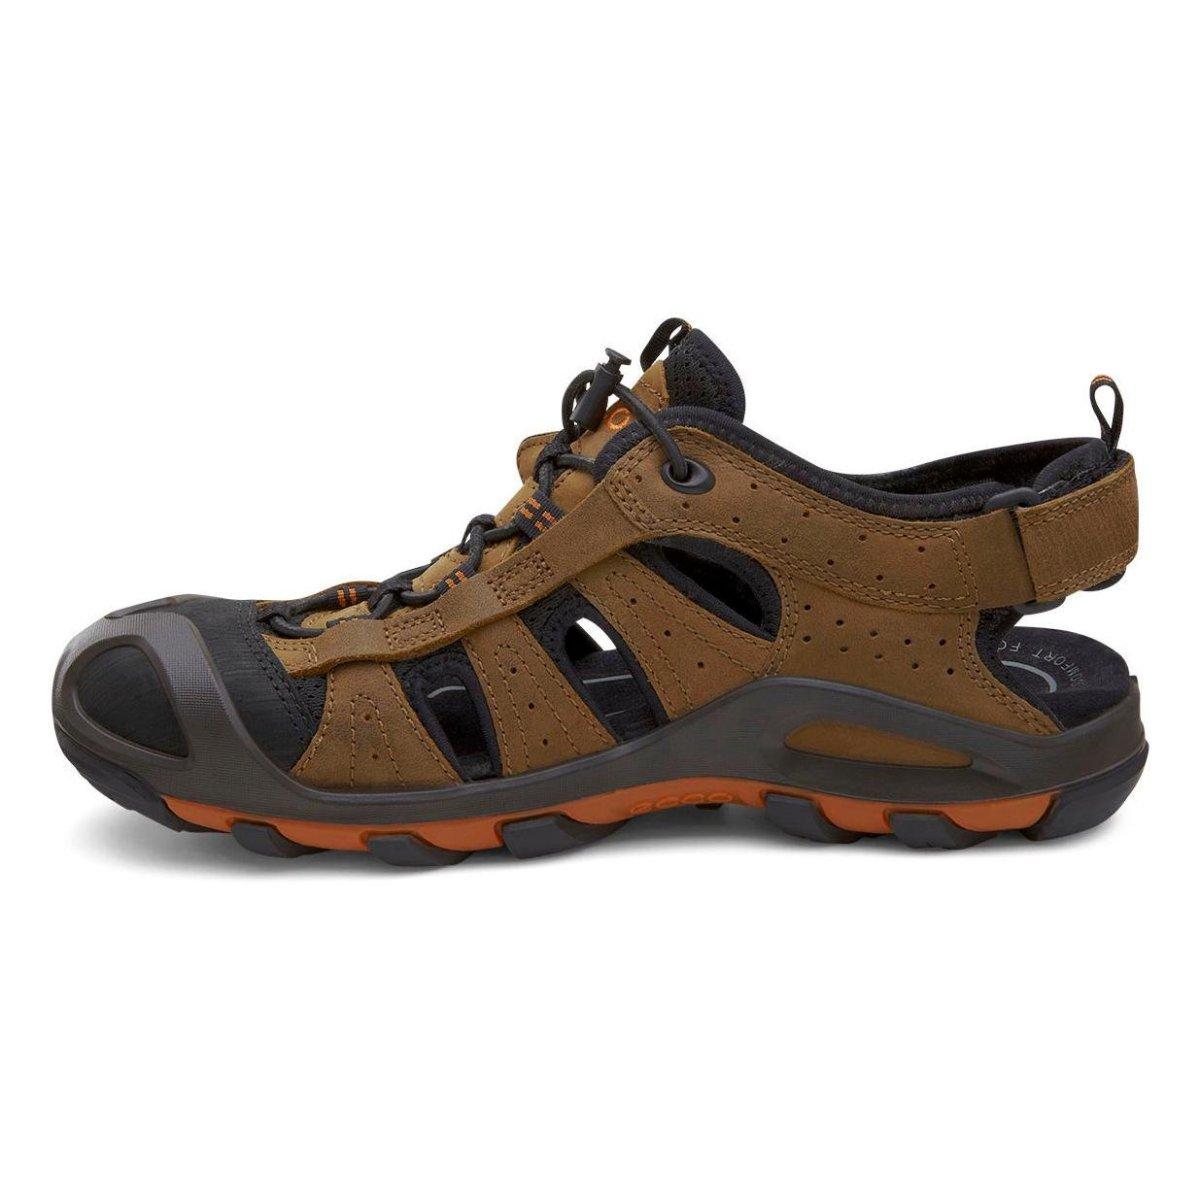 sehen Bestbewertete Mode kosten charm ecco terra sandalen